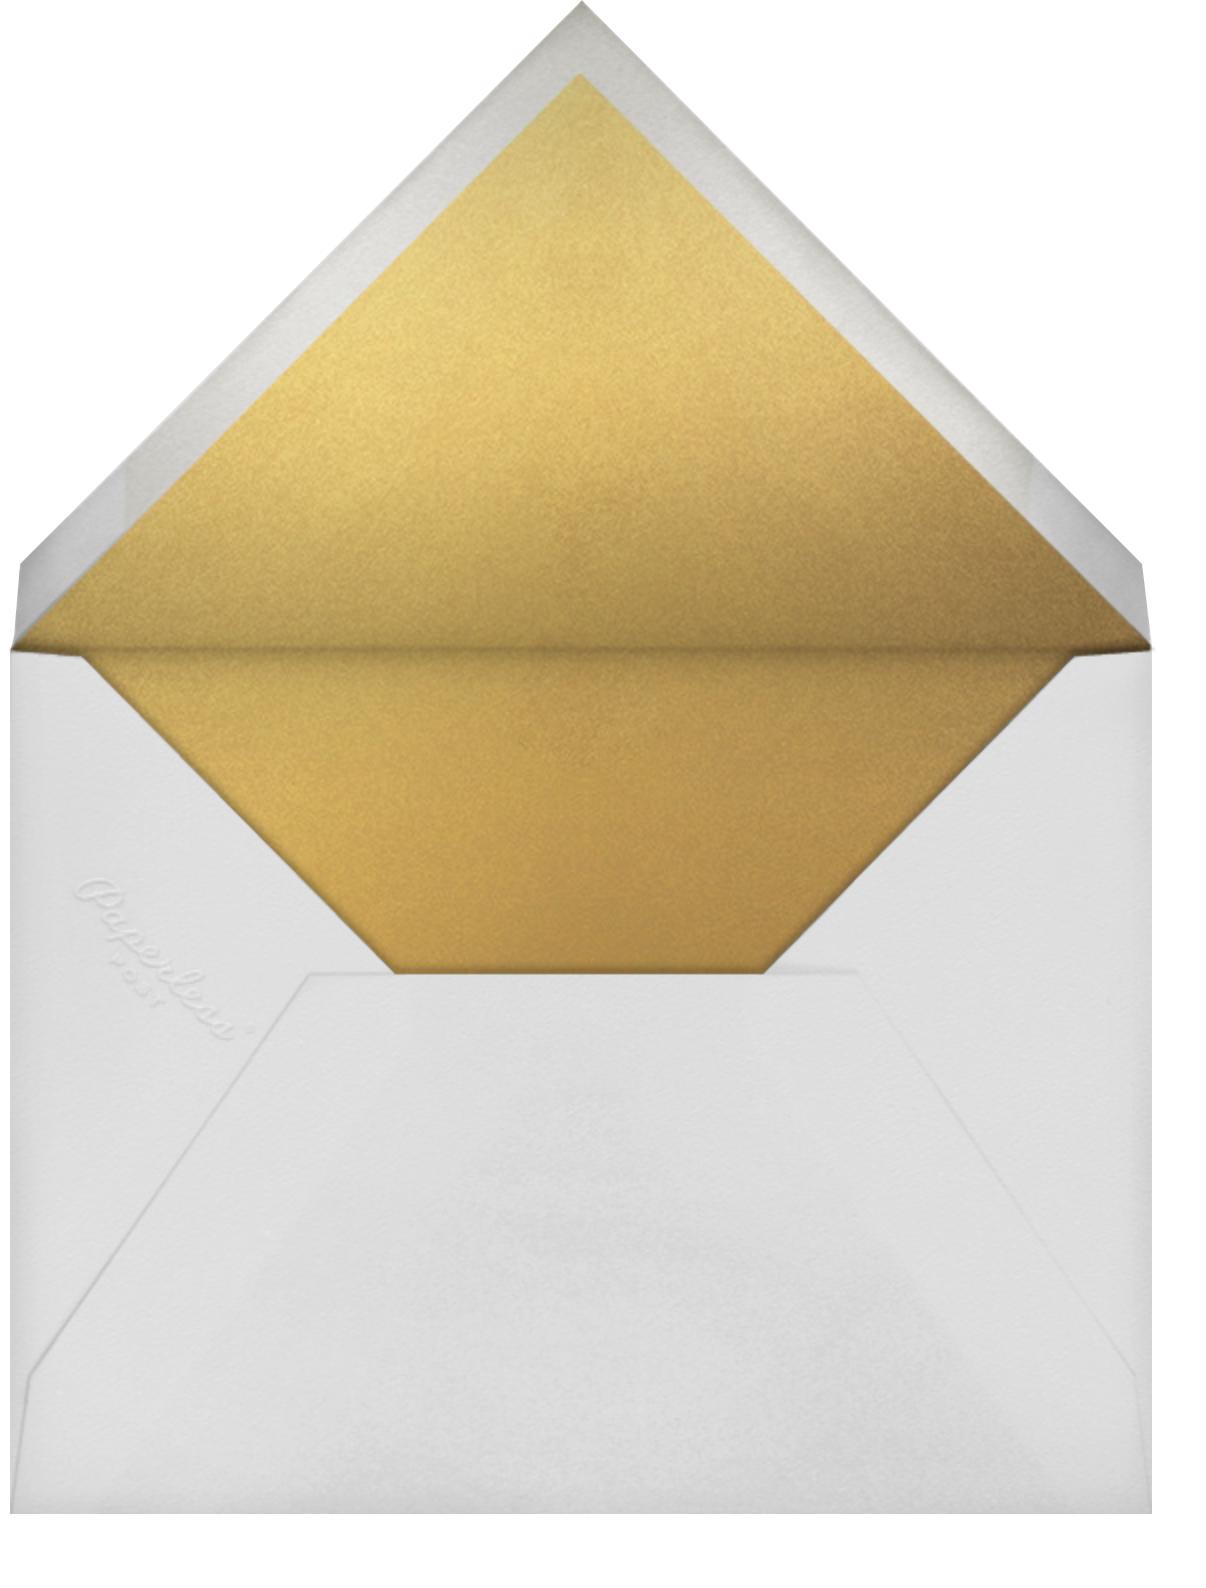 Moss Heart - Paperless Post - All - envelope back